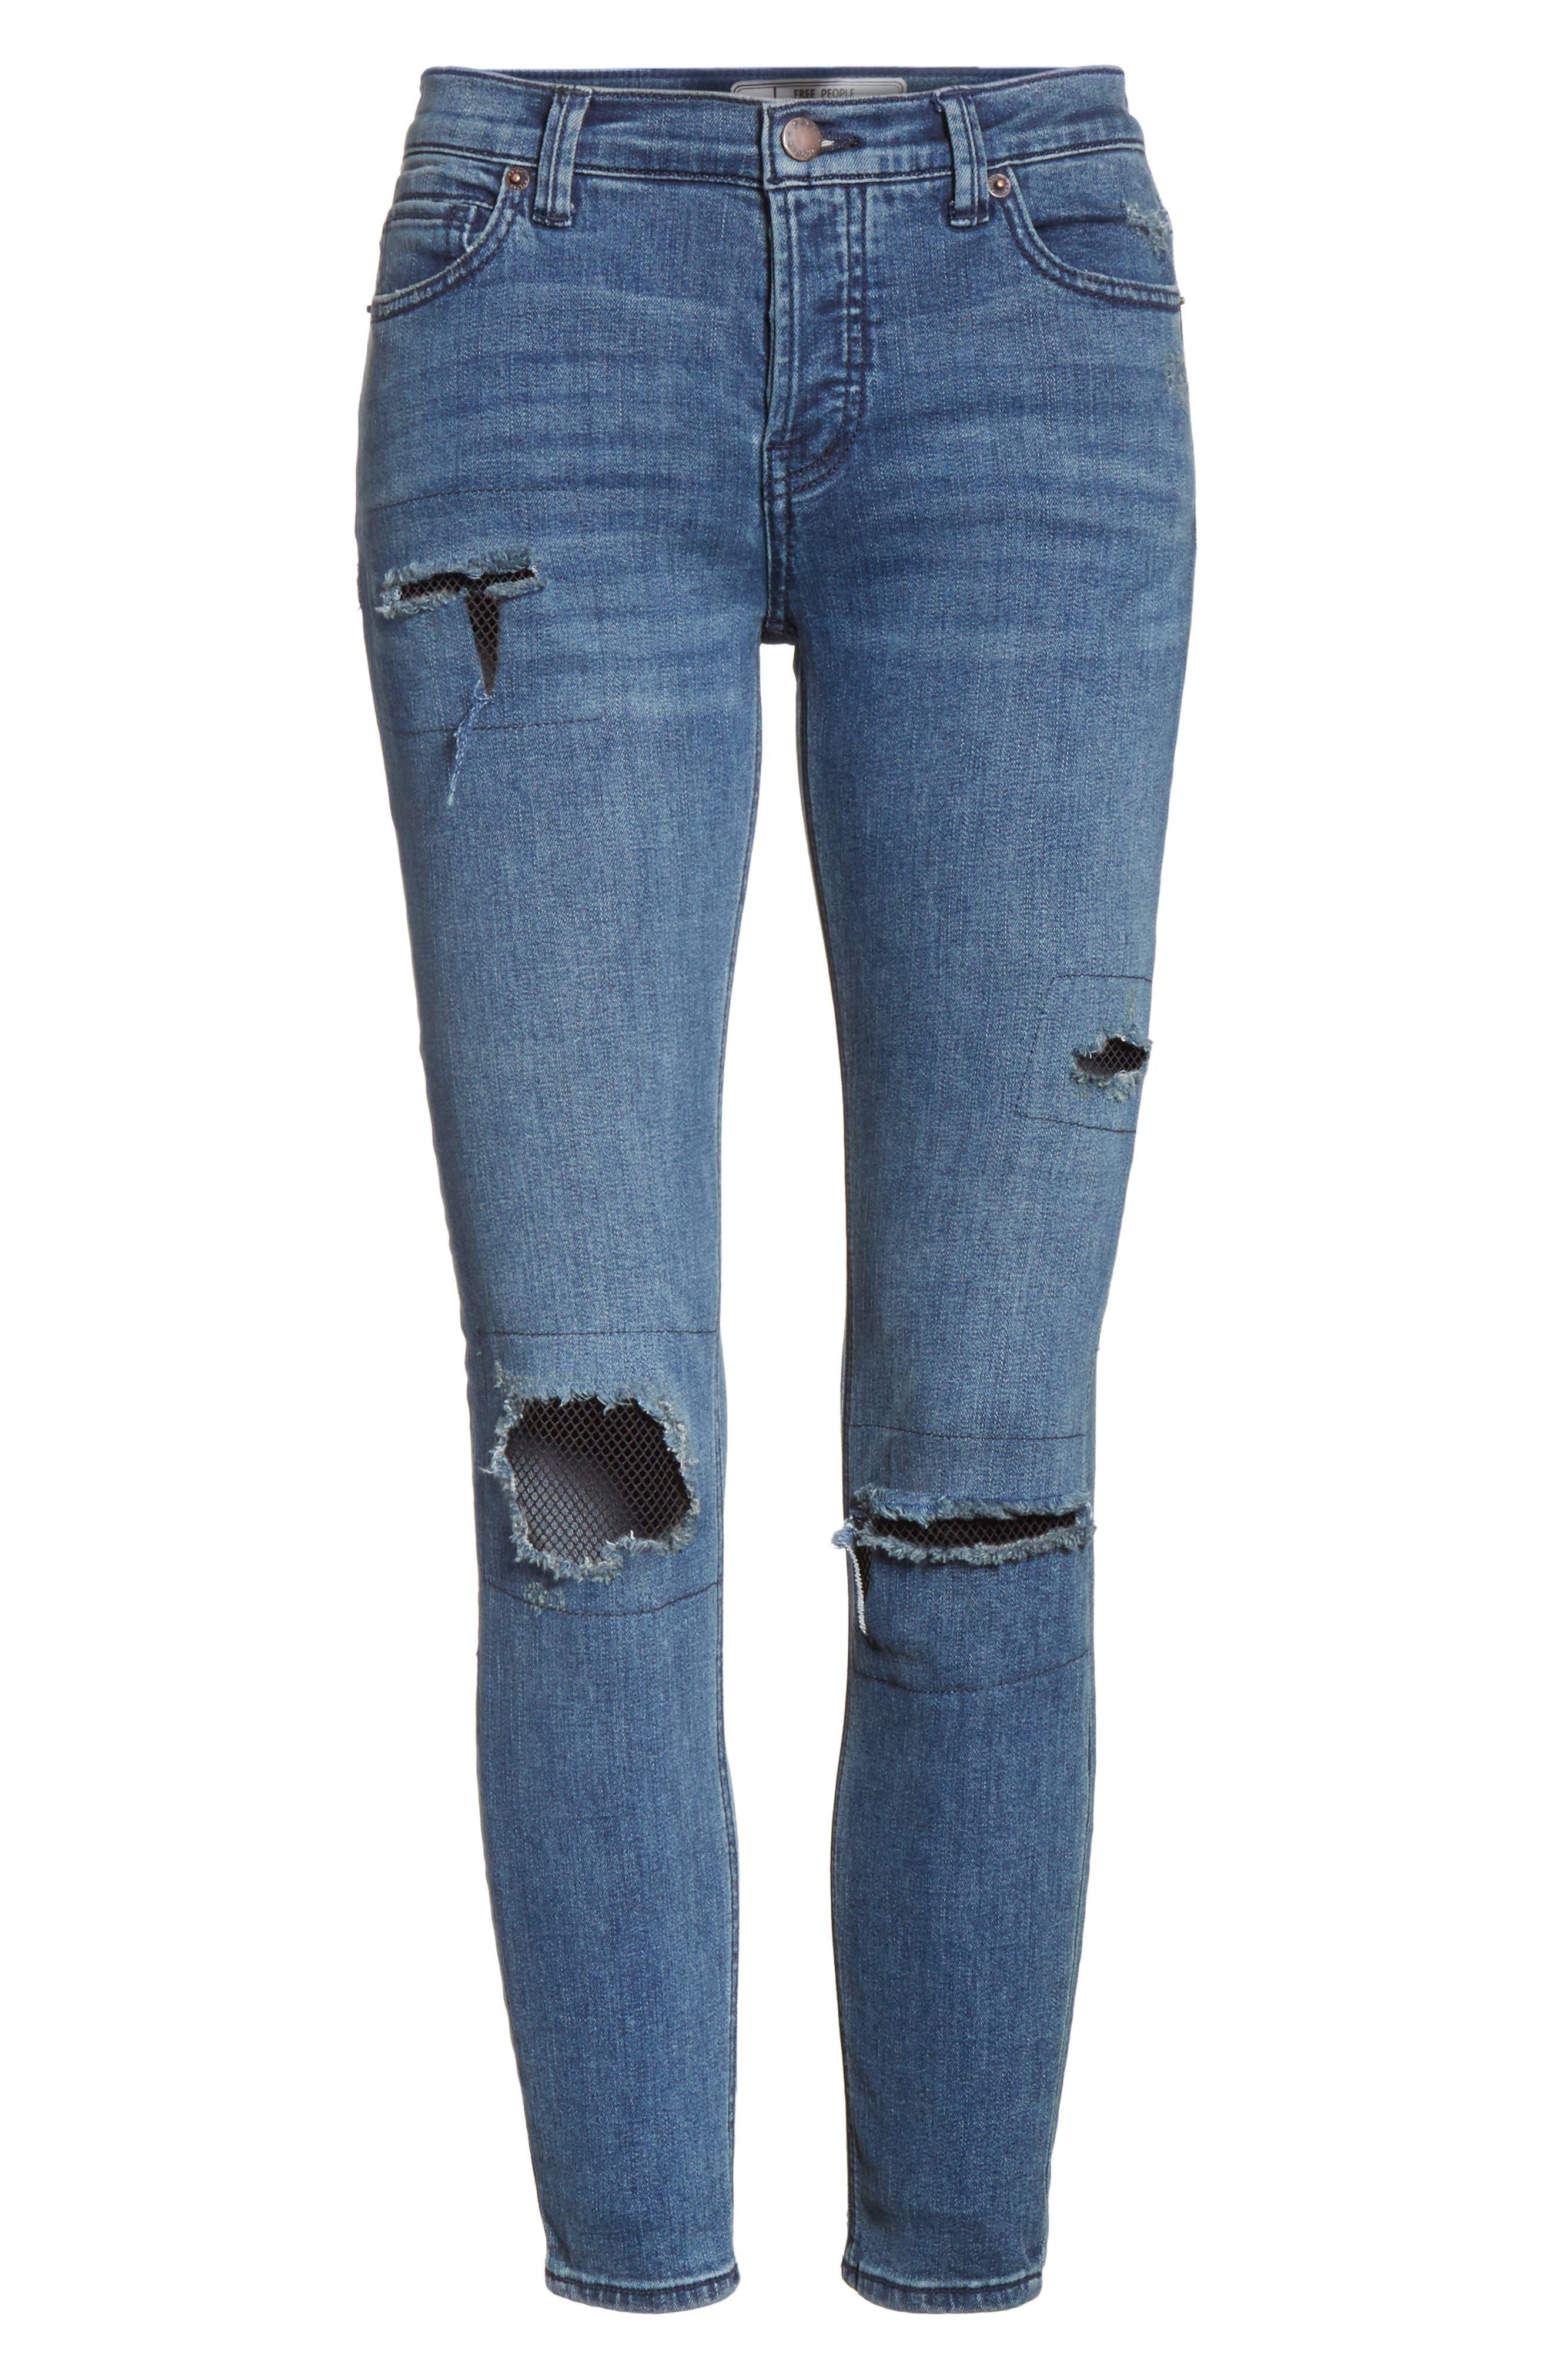 Fishnet Skinny Jeans,                             Alternate thumbnail 6, color,                             400